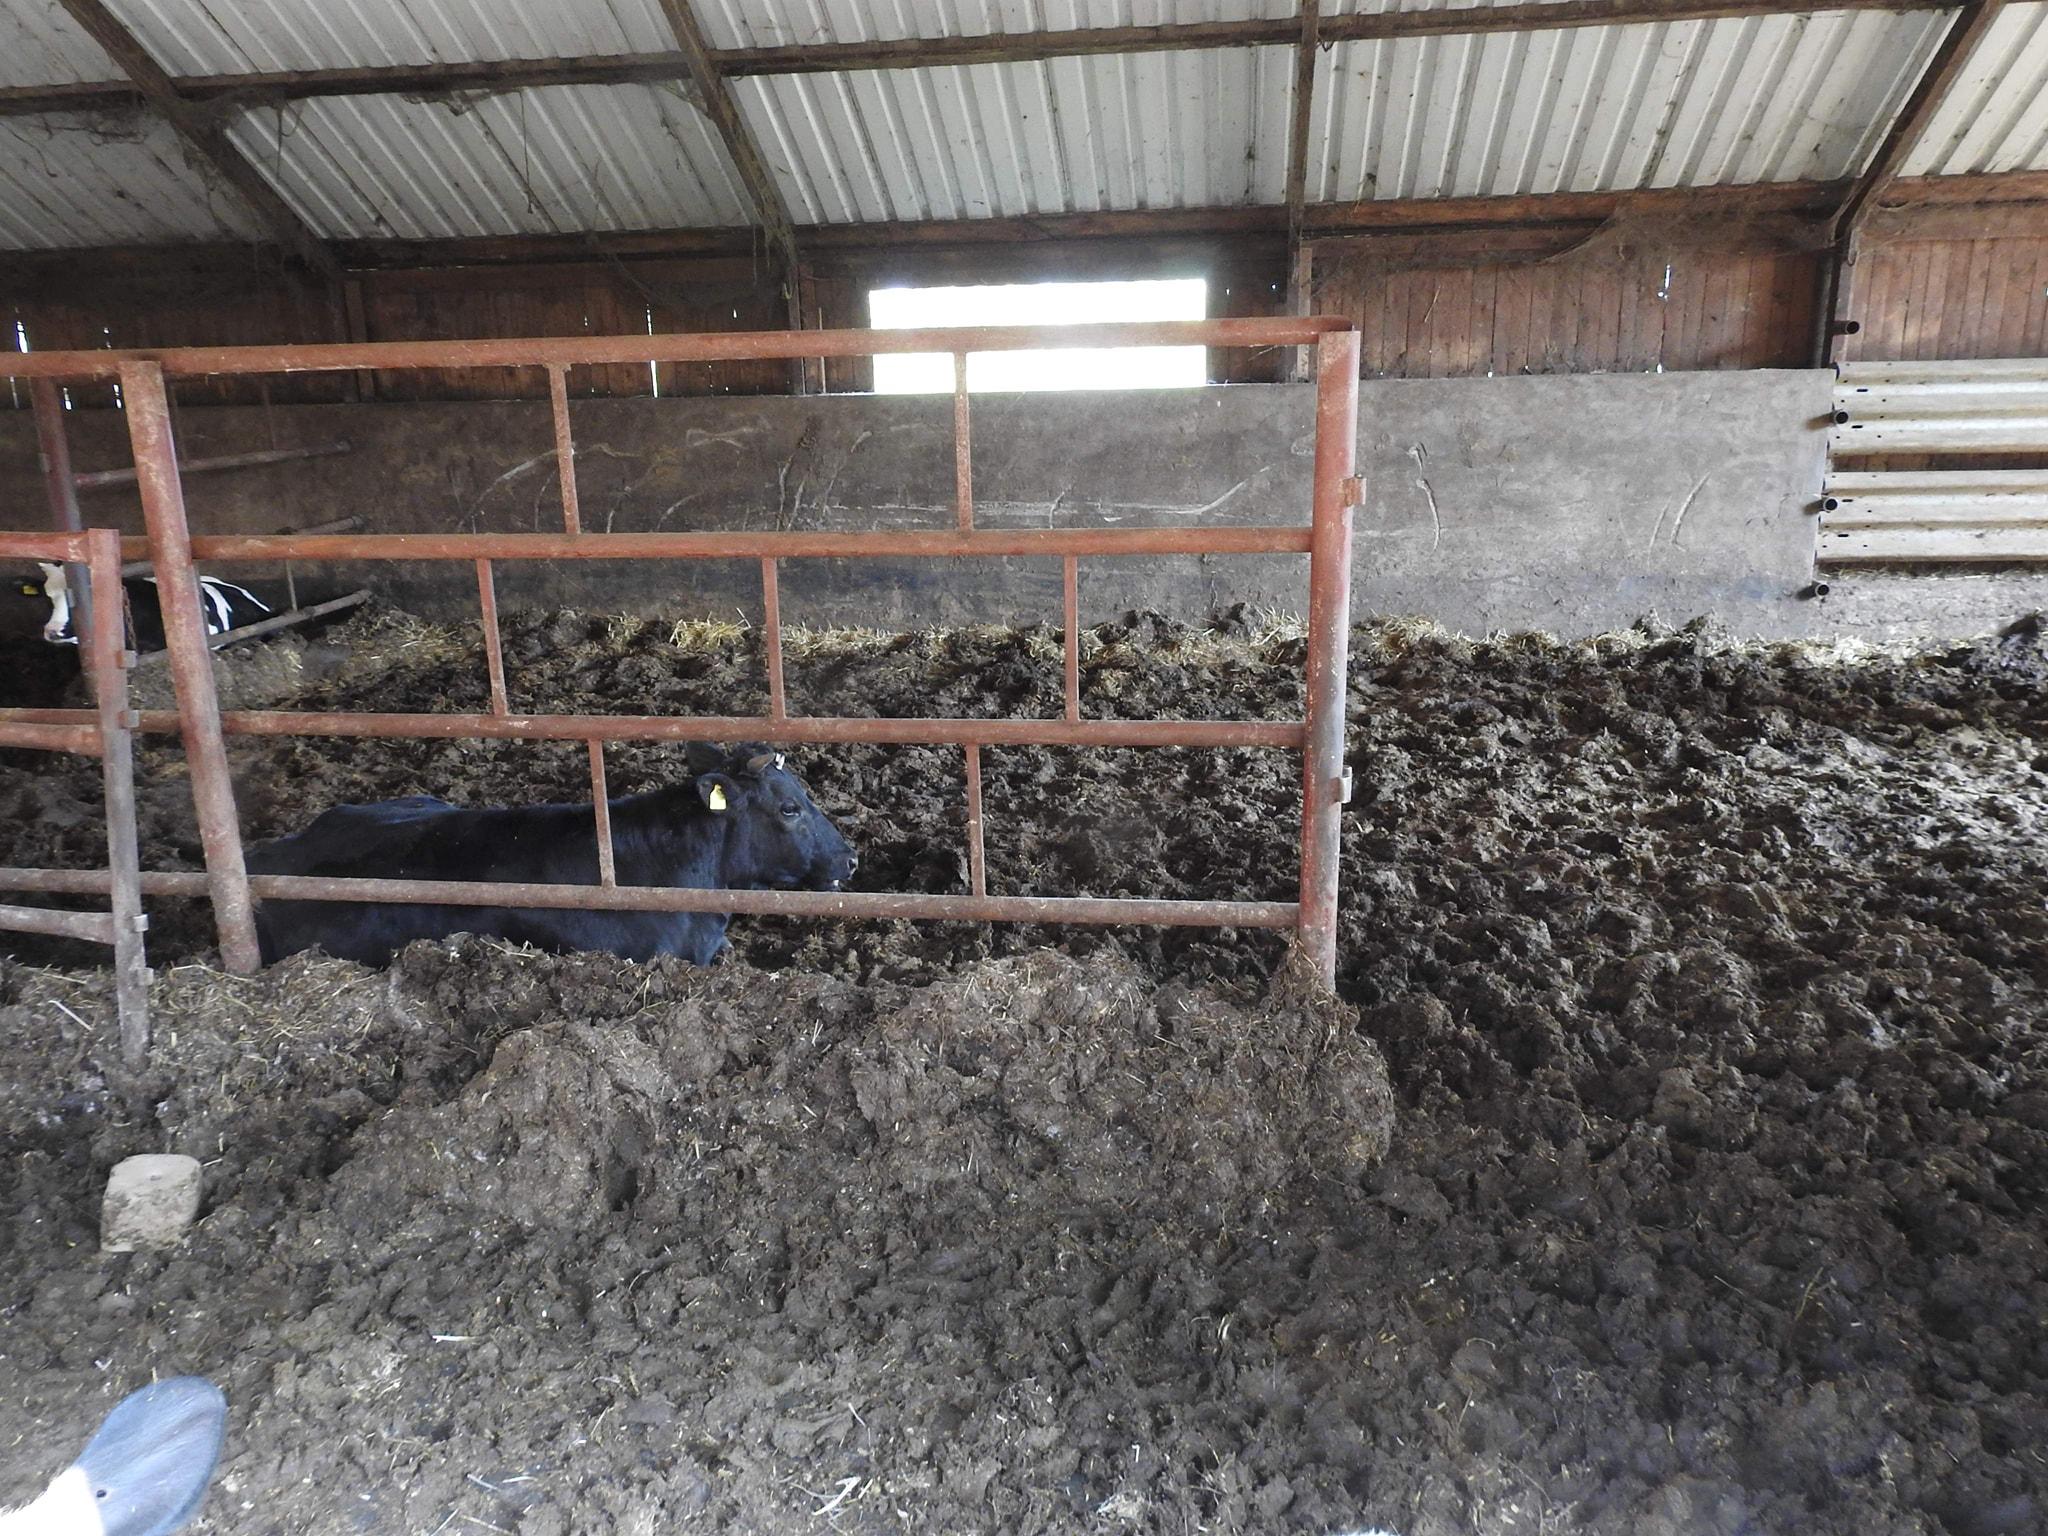 Zaniedbane krowy w fatalnych warunkach